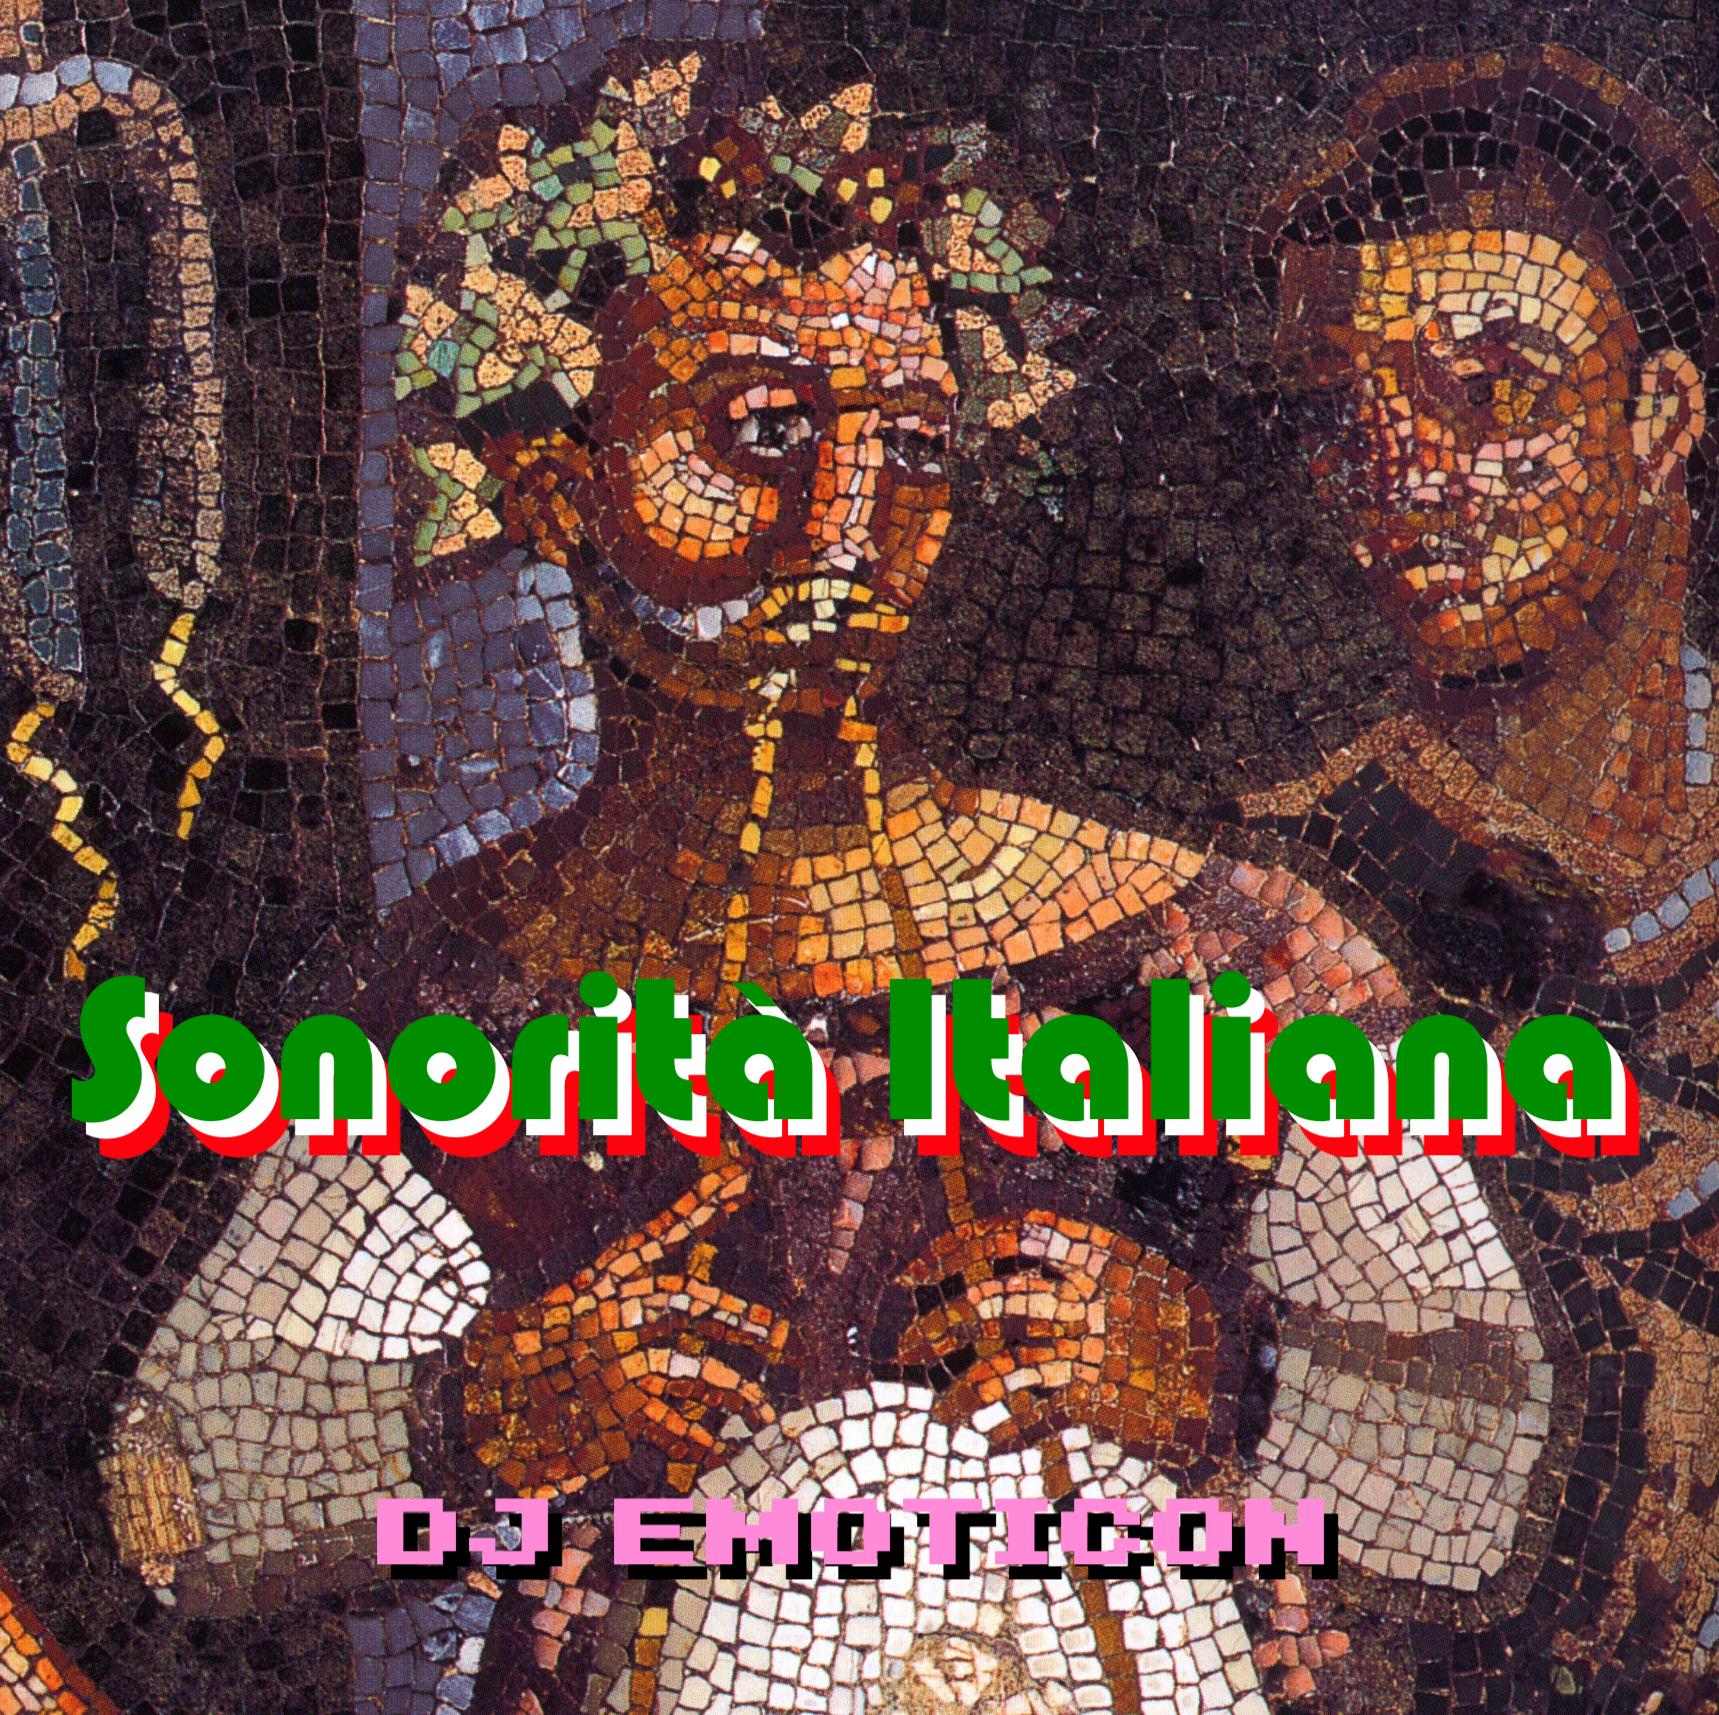 Sonorità_Italiana_cover.jpg